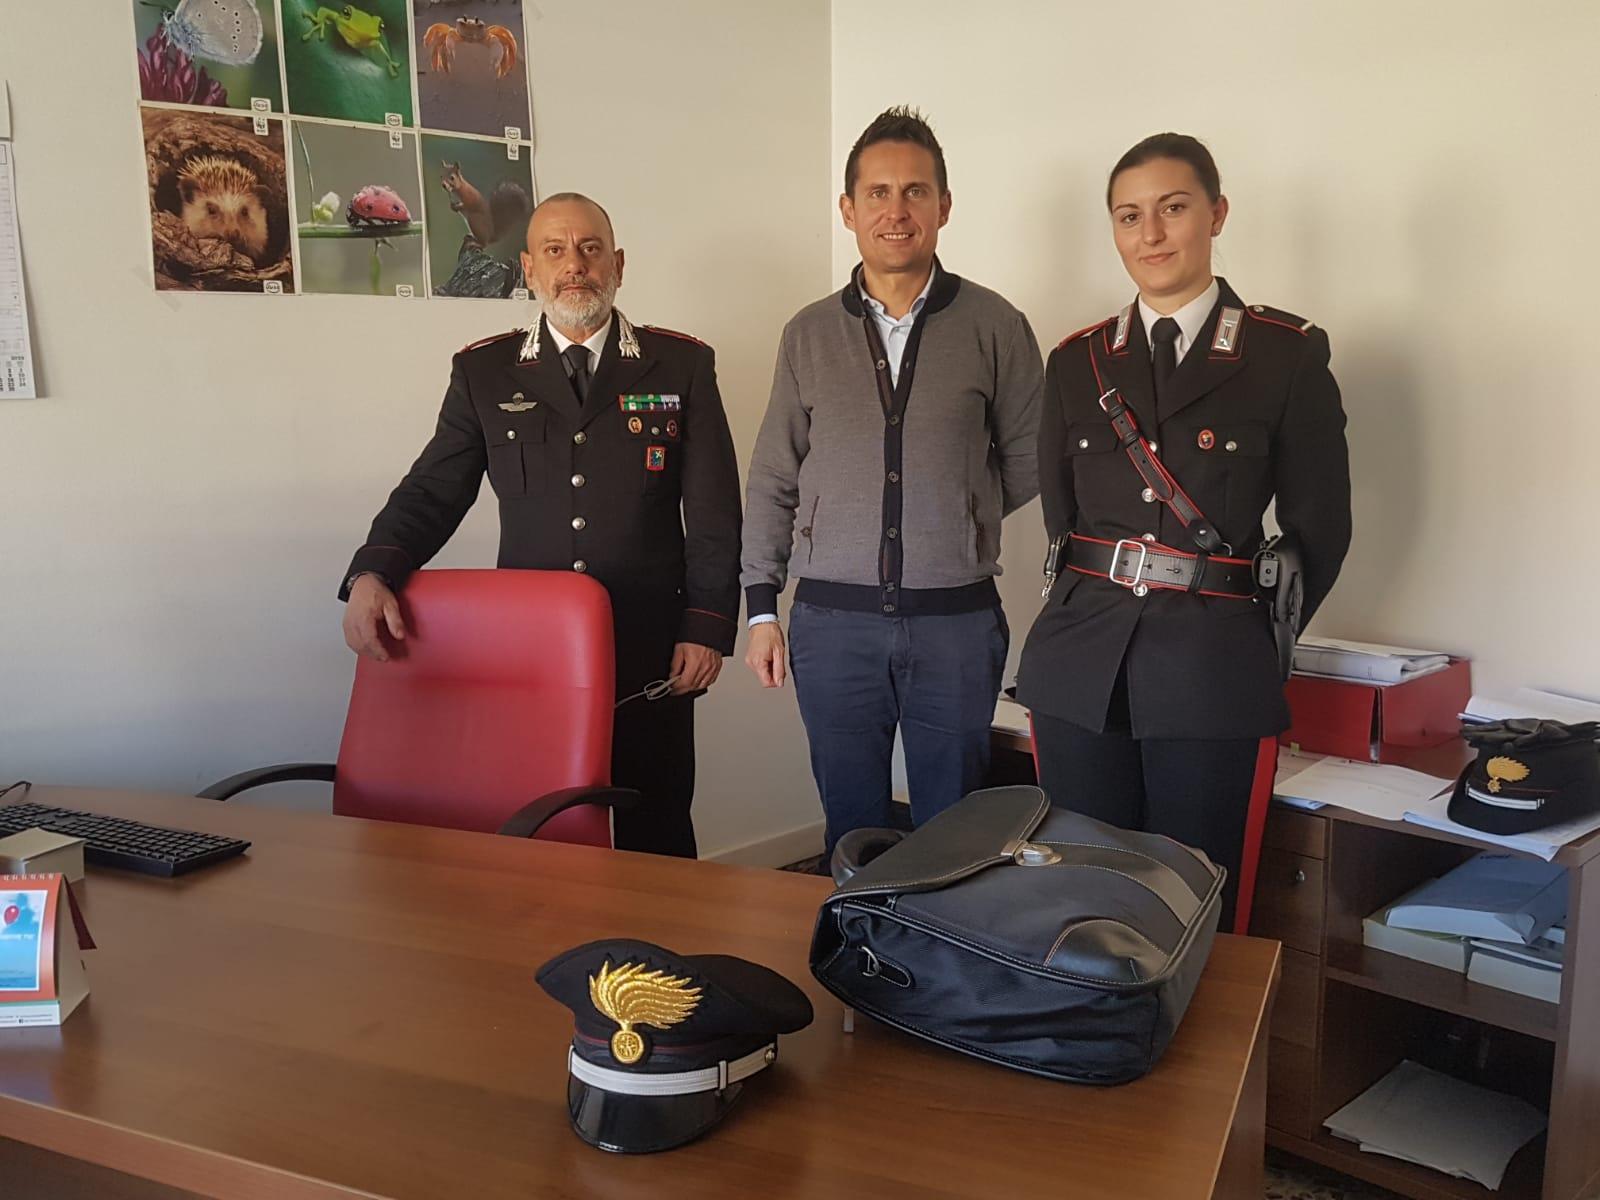 Carabinieri in Comune a Tradate, Venegono Inferiore e Lonate - Settegiorni